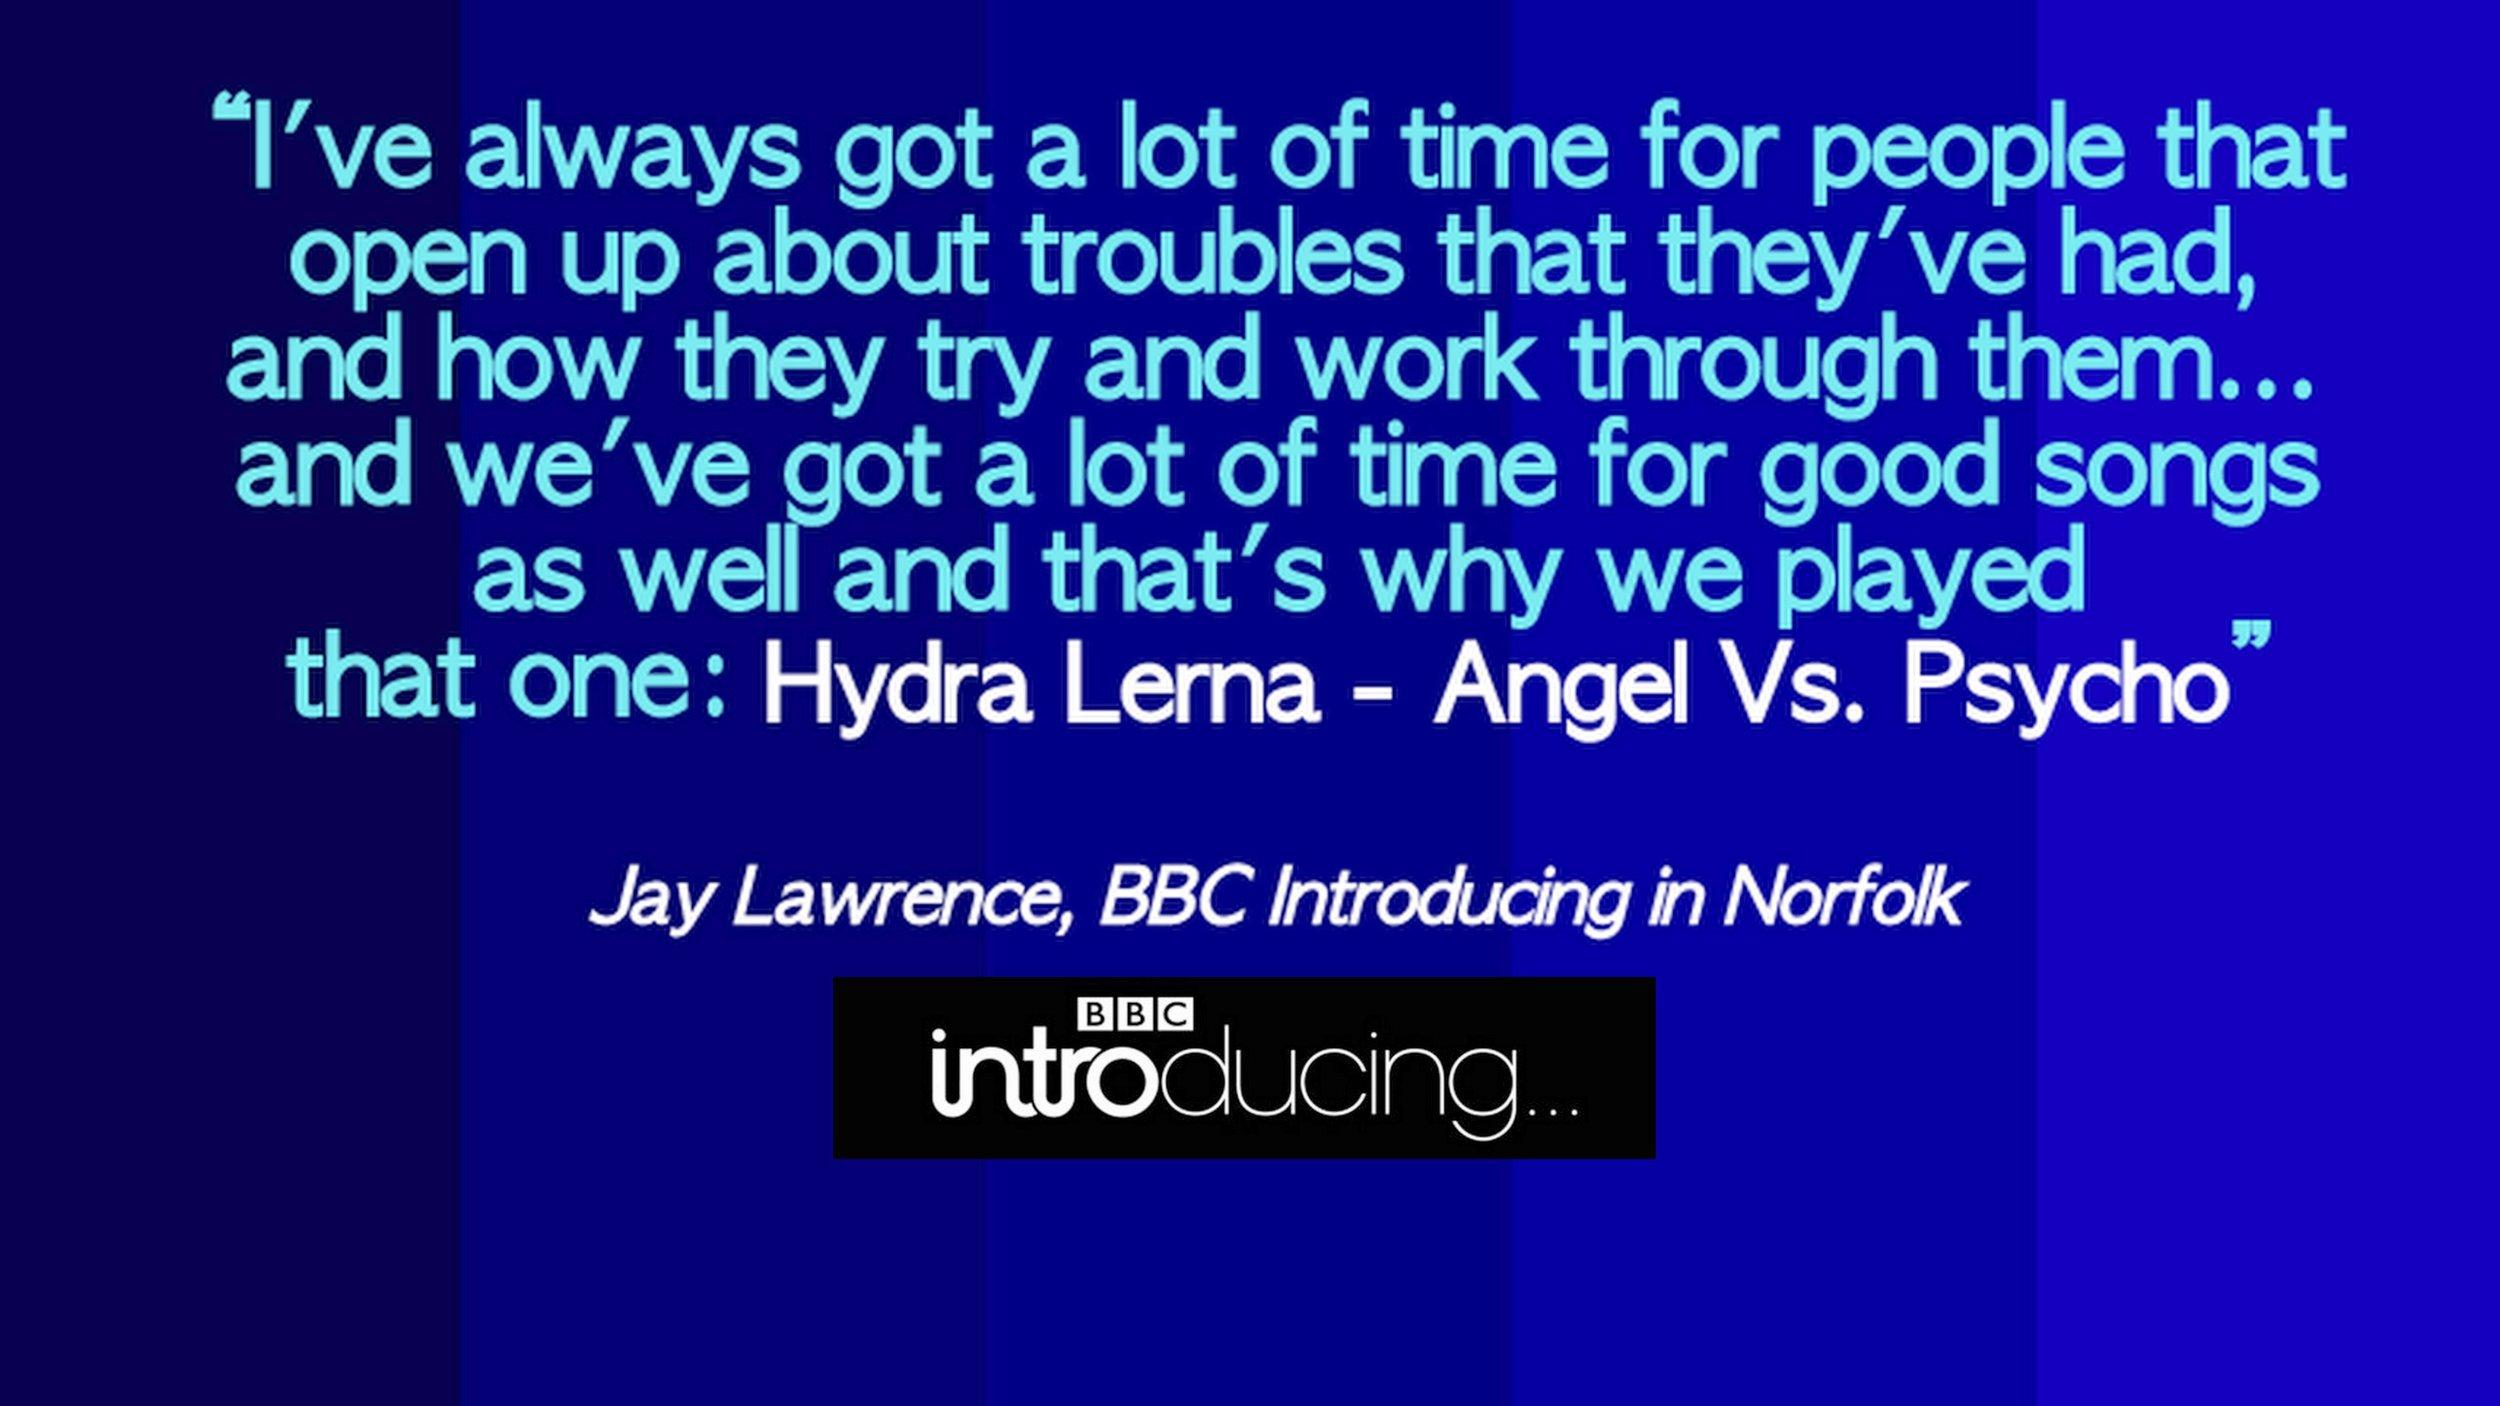 Angel V Psycho BBC Intro Norfolk quote.jpg